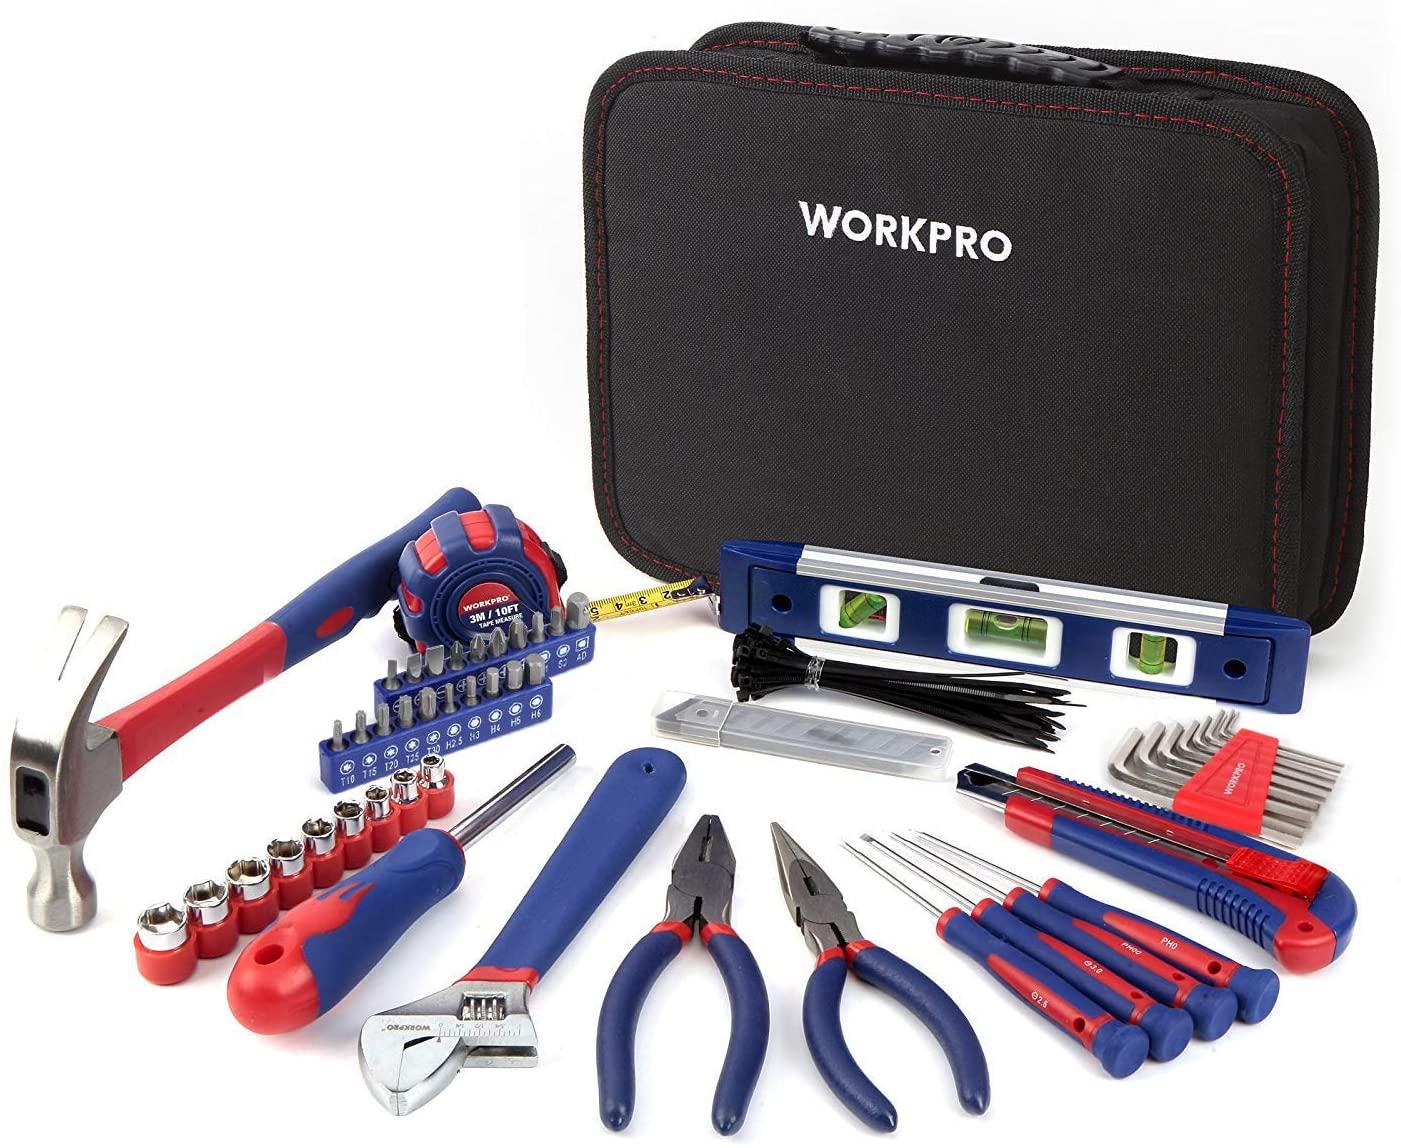 Kit Workpro 100 Piezas solo 13.4€ (desde España)